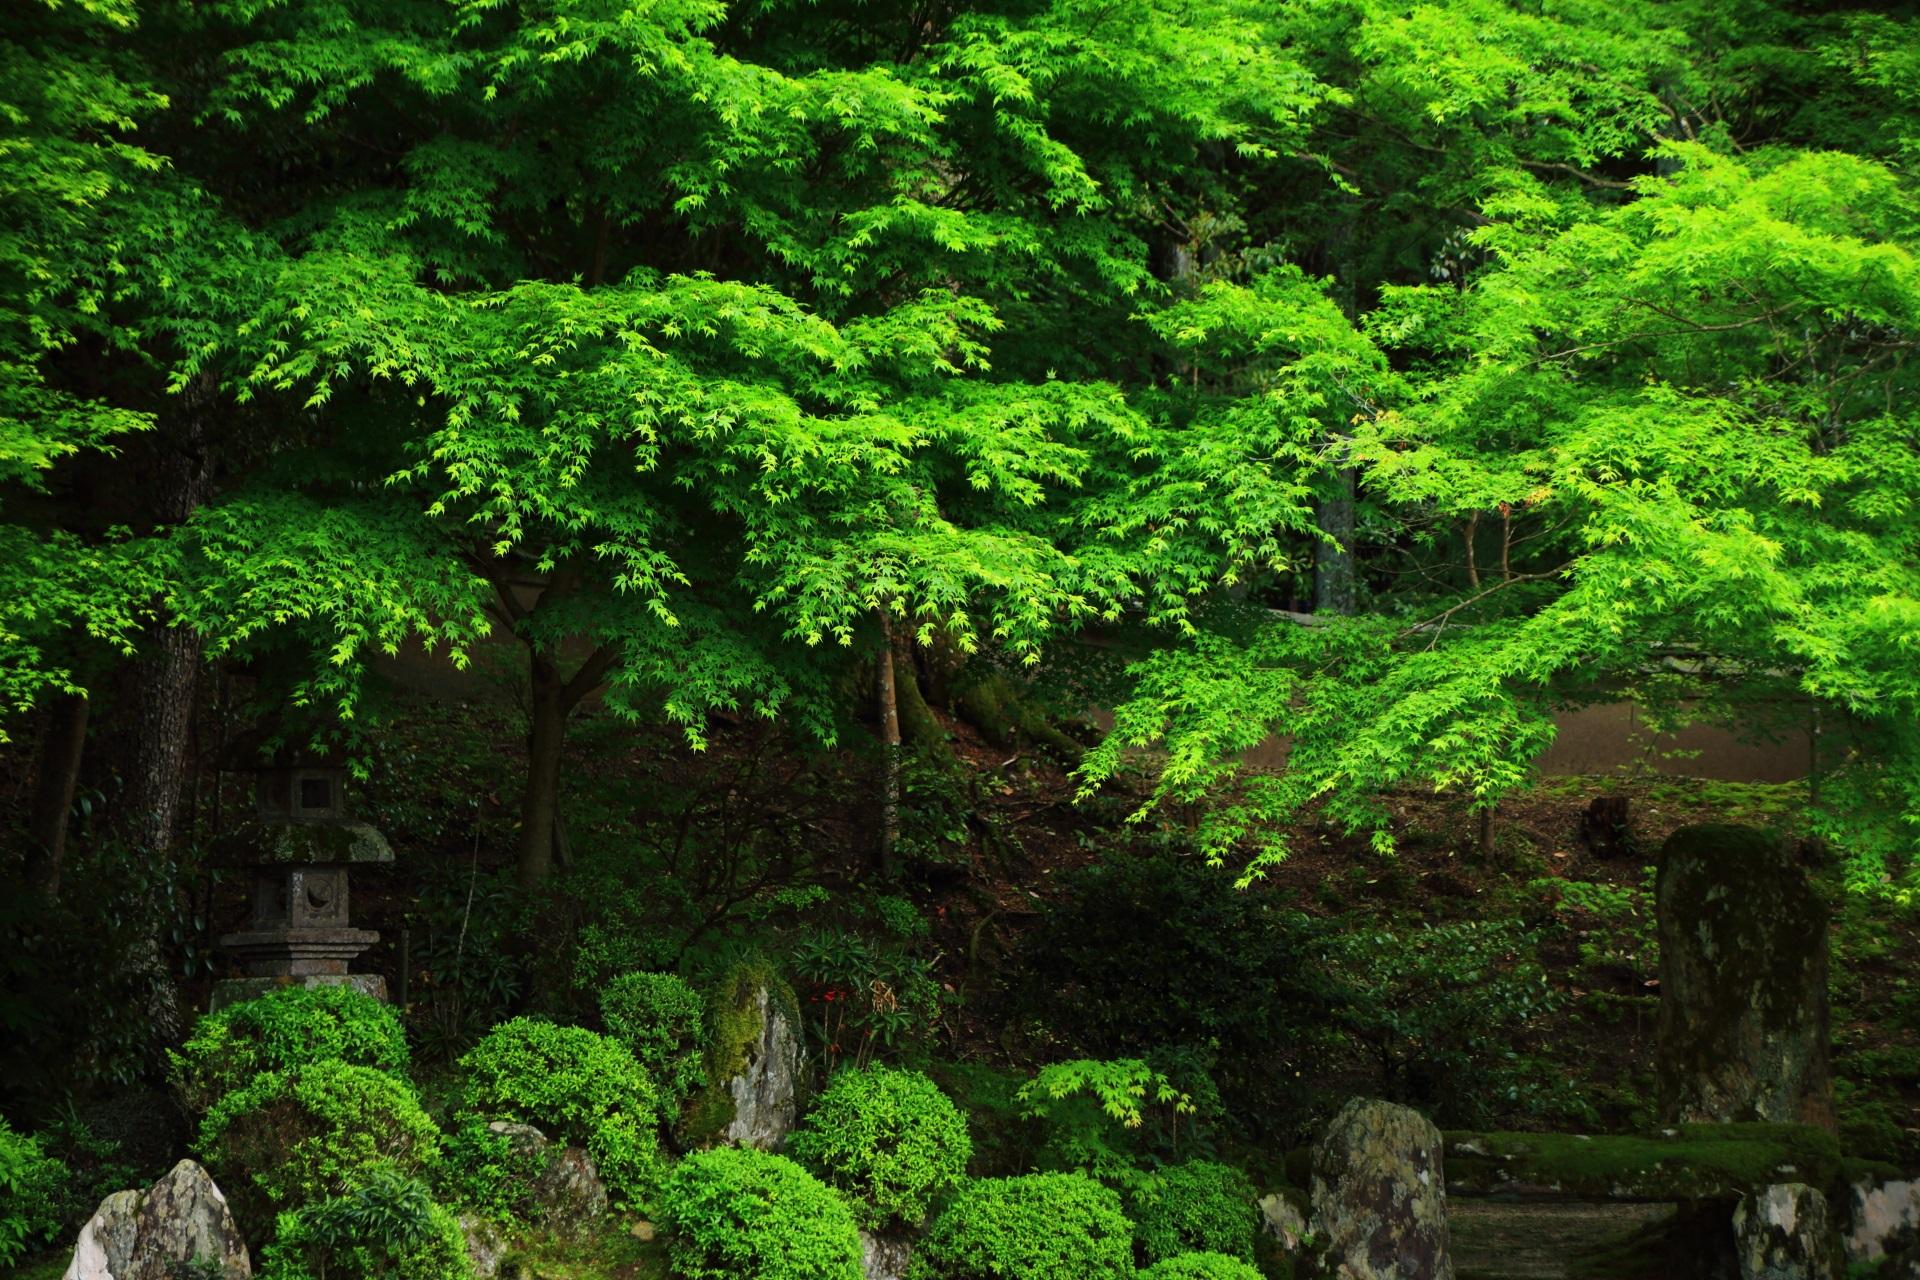 優雅な緑につつまれる蟷螂や力強い岩